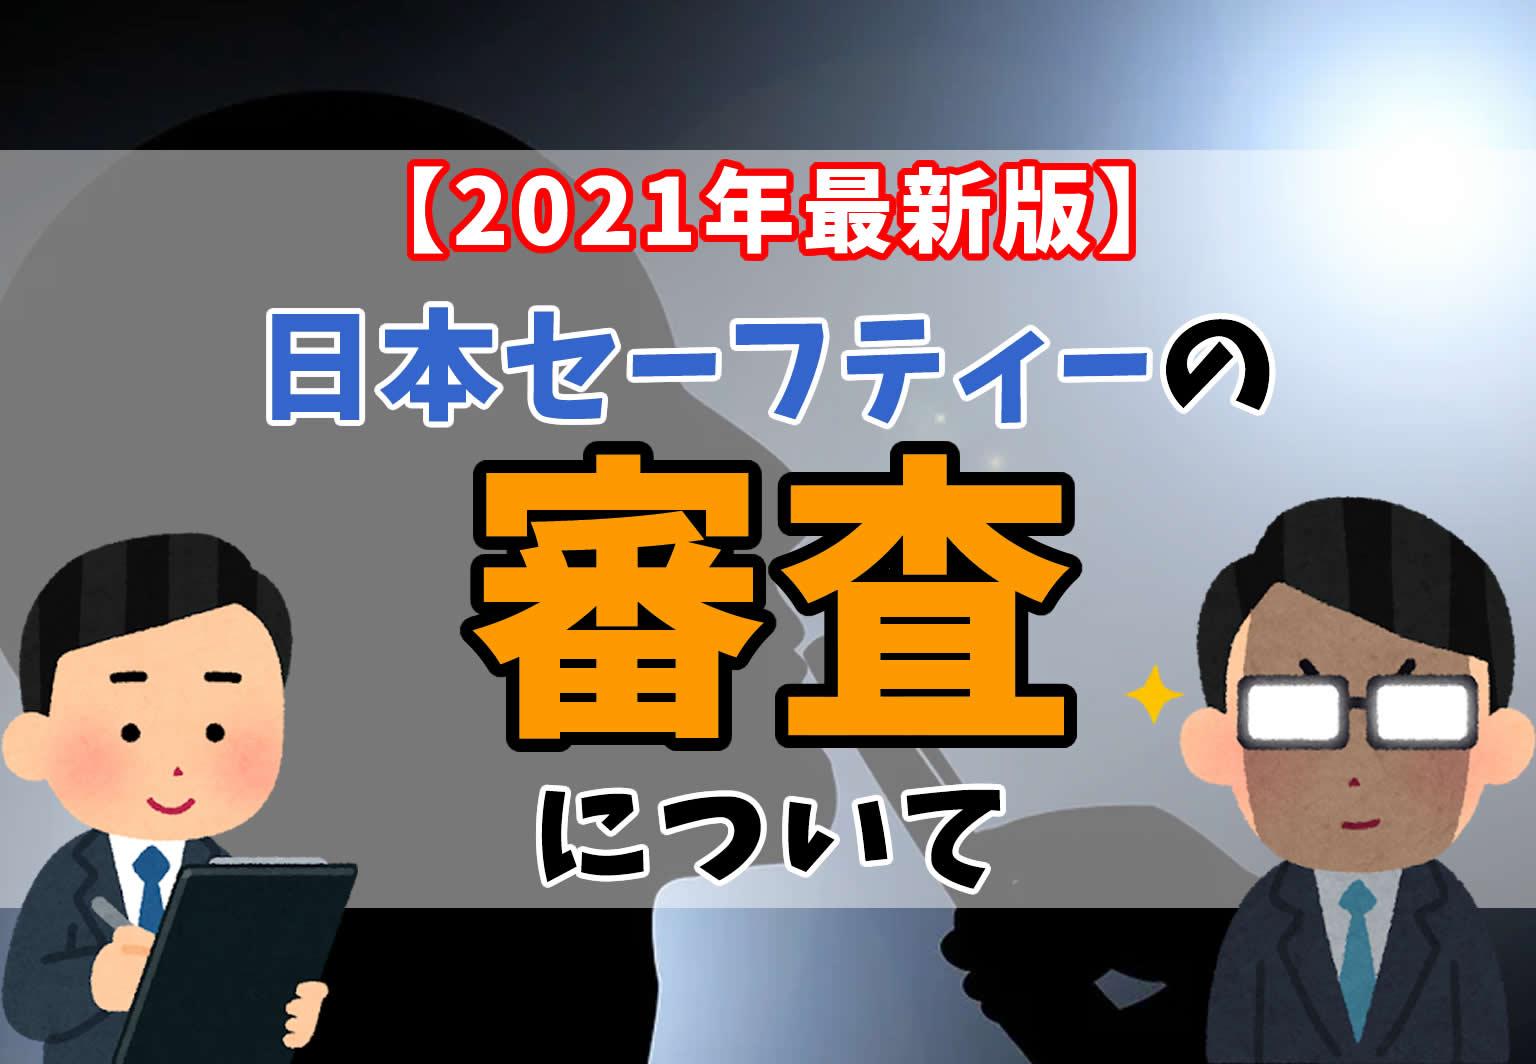 日本セーフティー審査